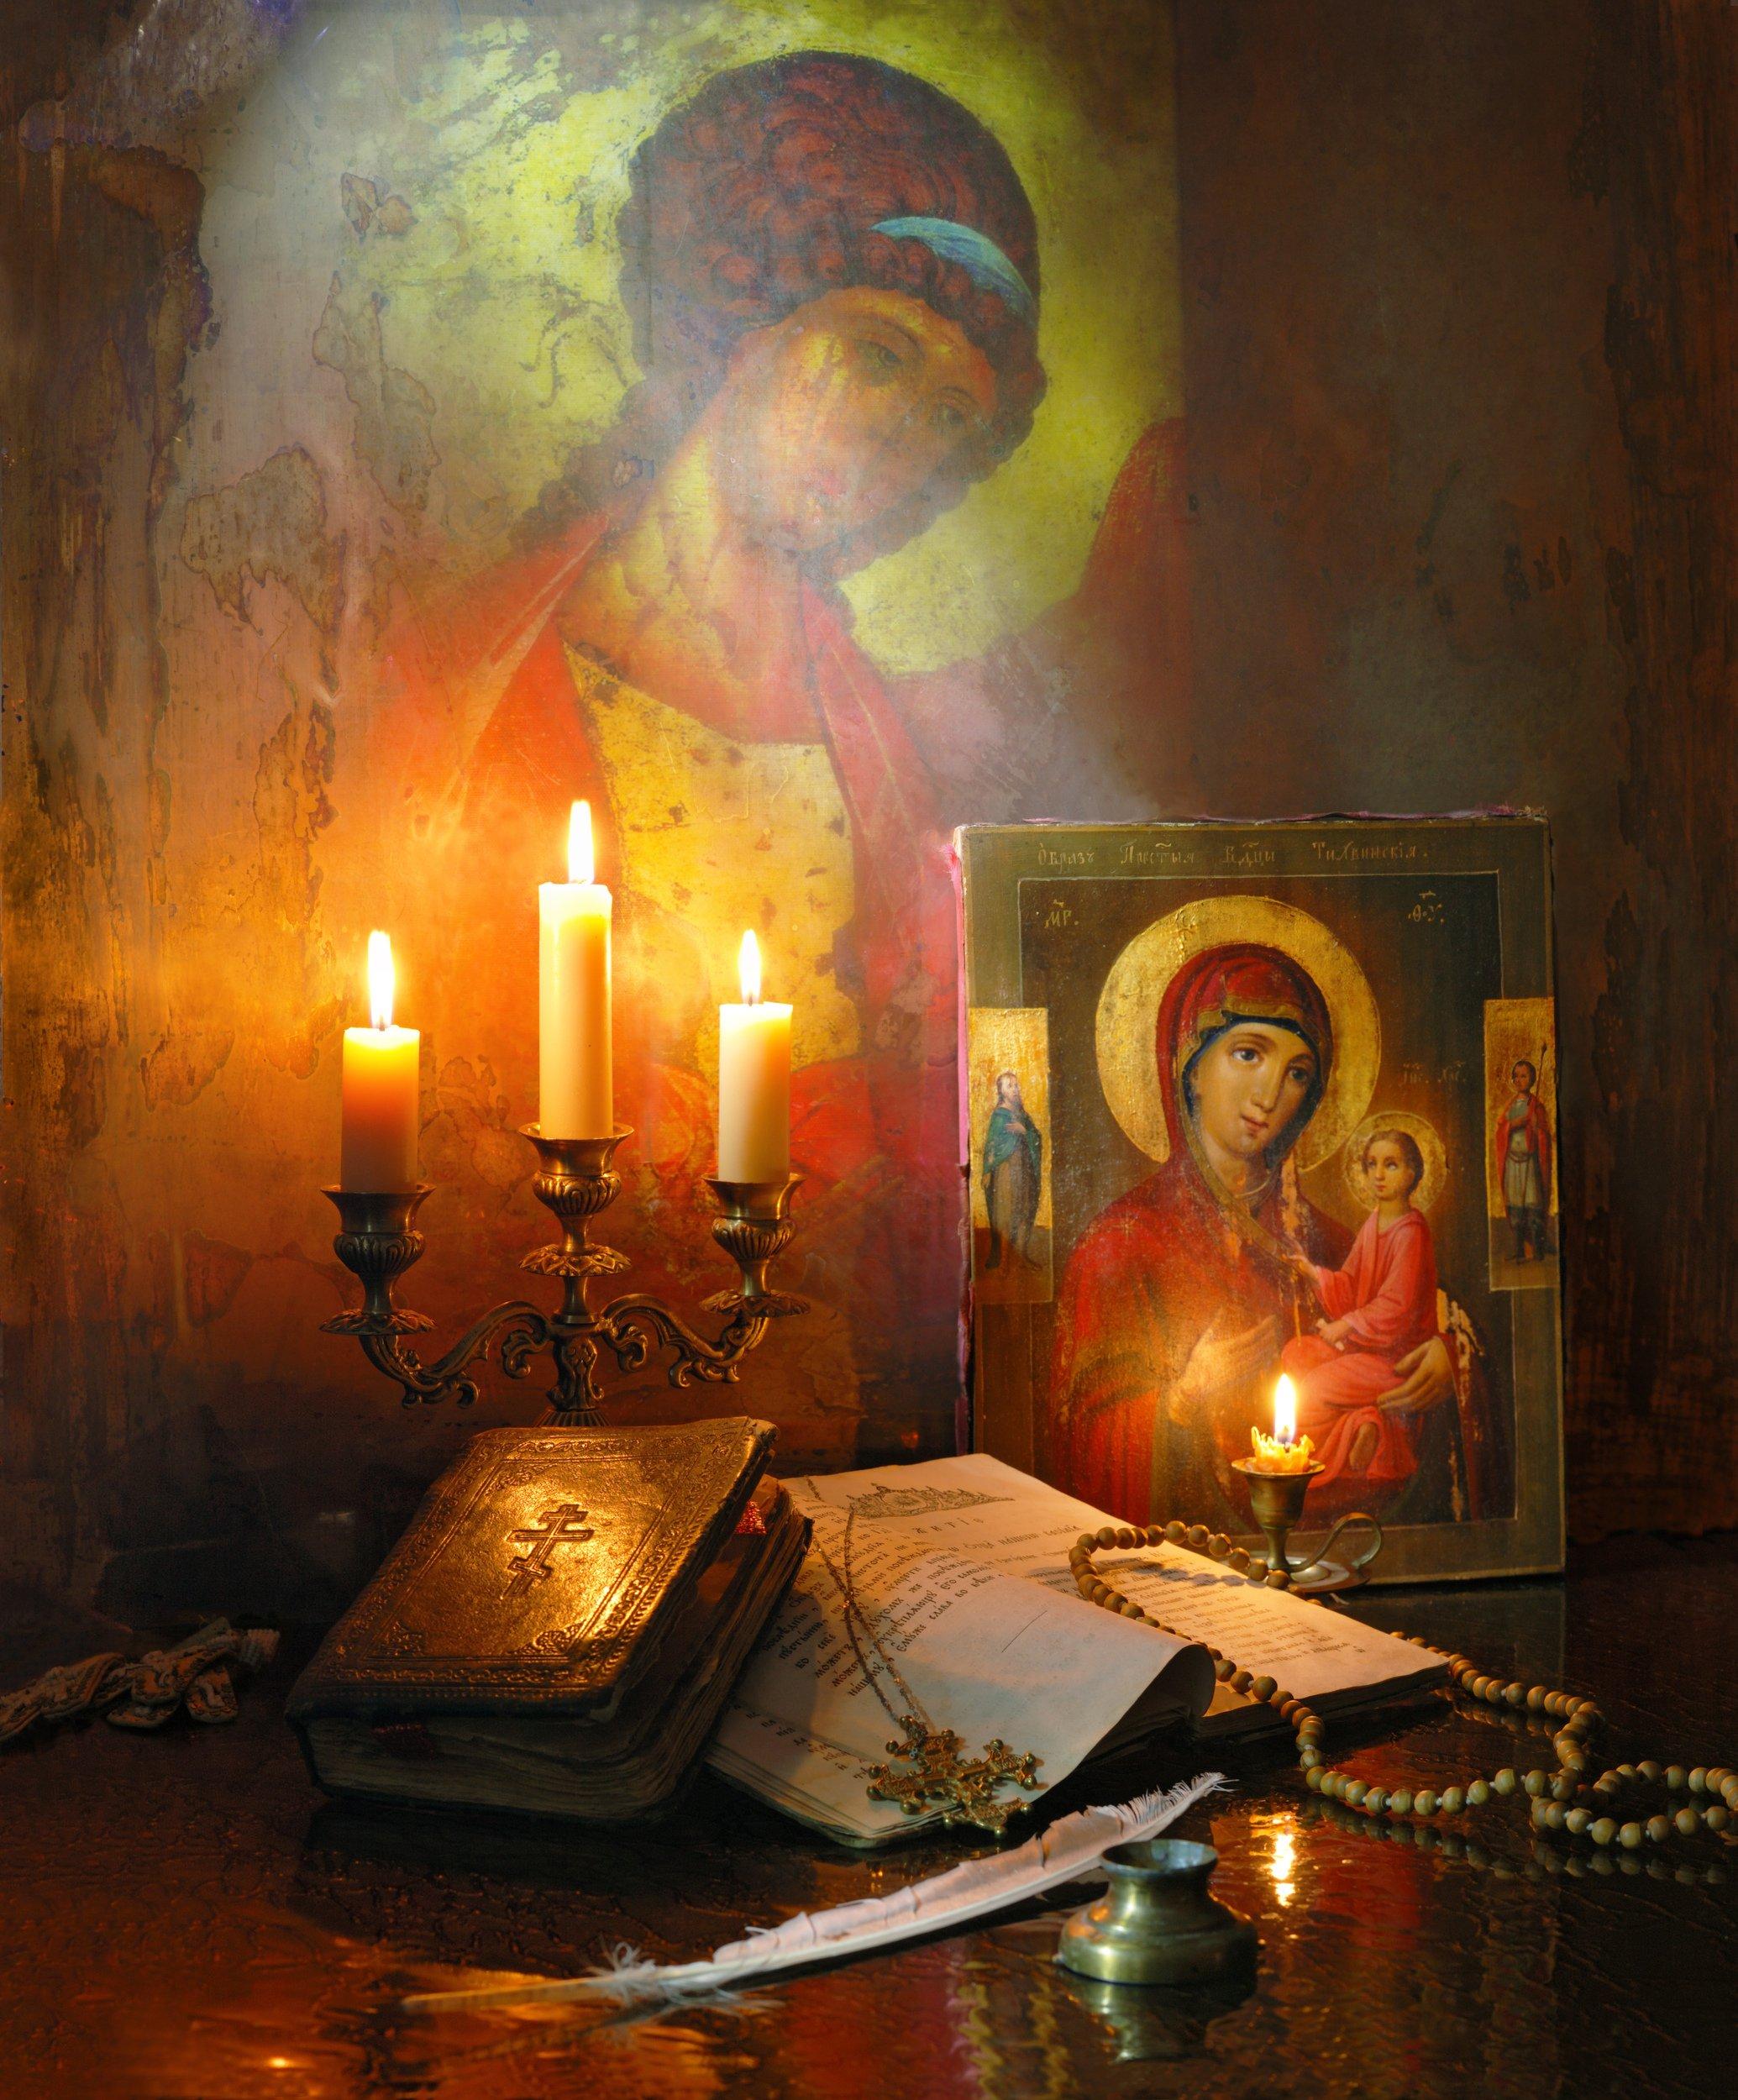 икона, свечи, Богородица, ангел, книги, религия, Морозов Андрей